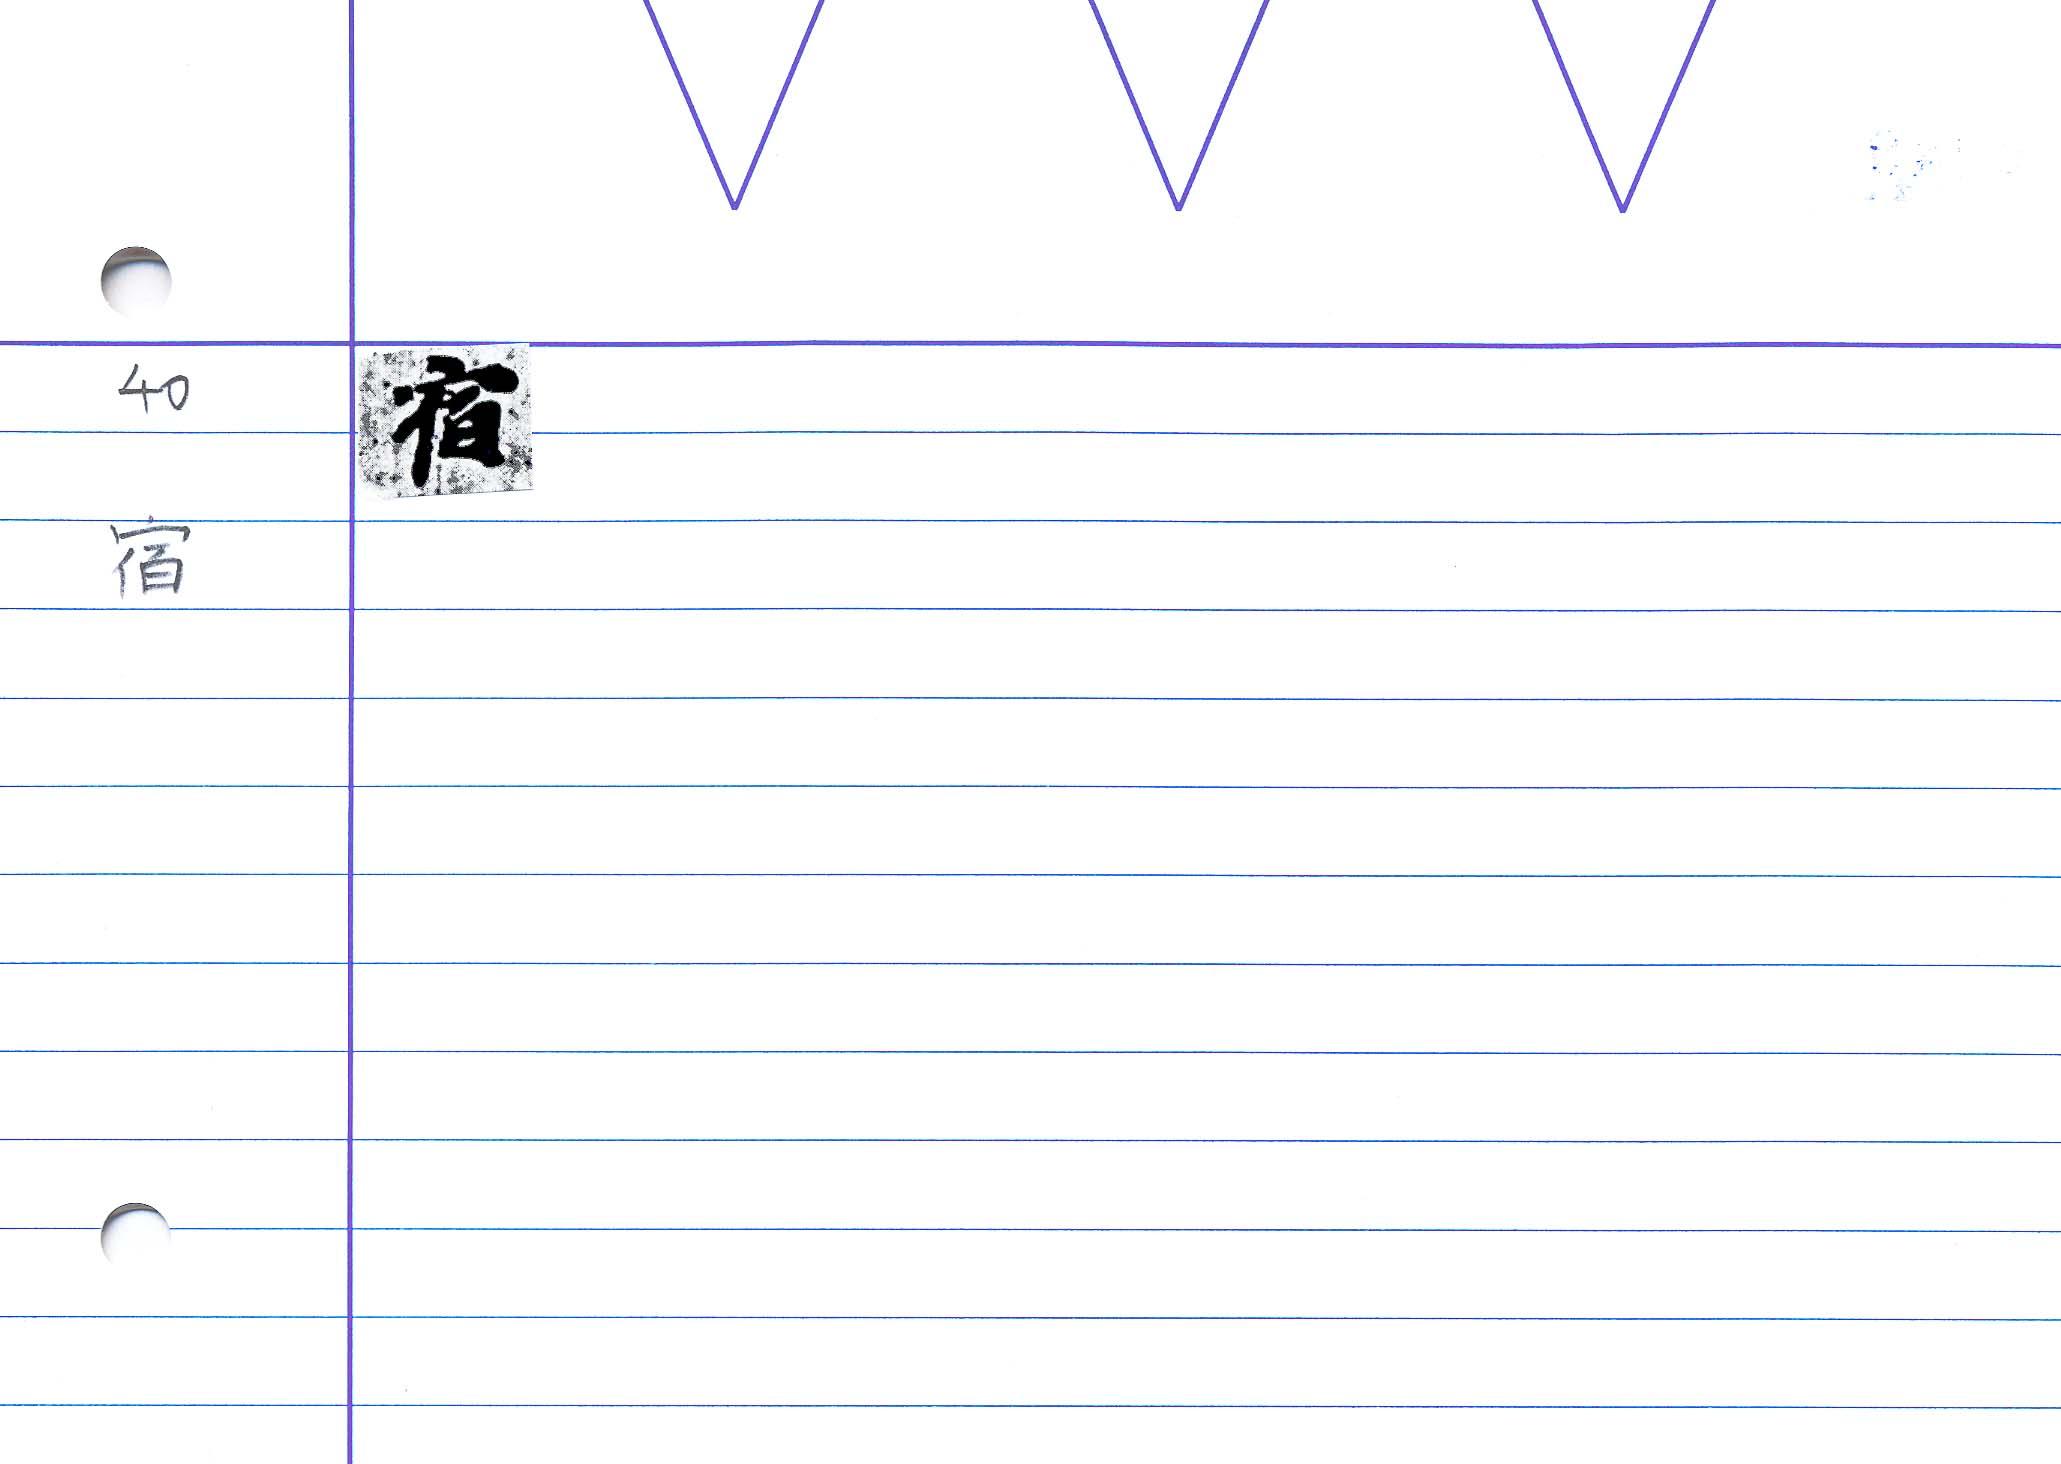 01_誠實論卷八(P.2179)/cards/0050.jpg